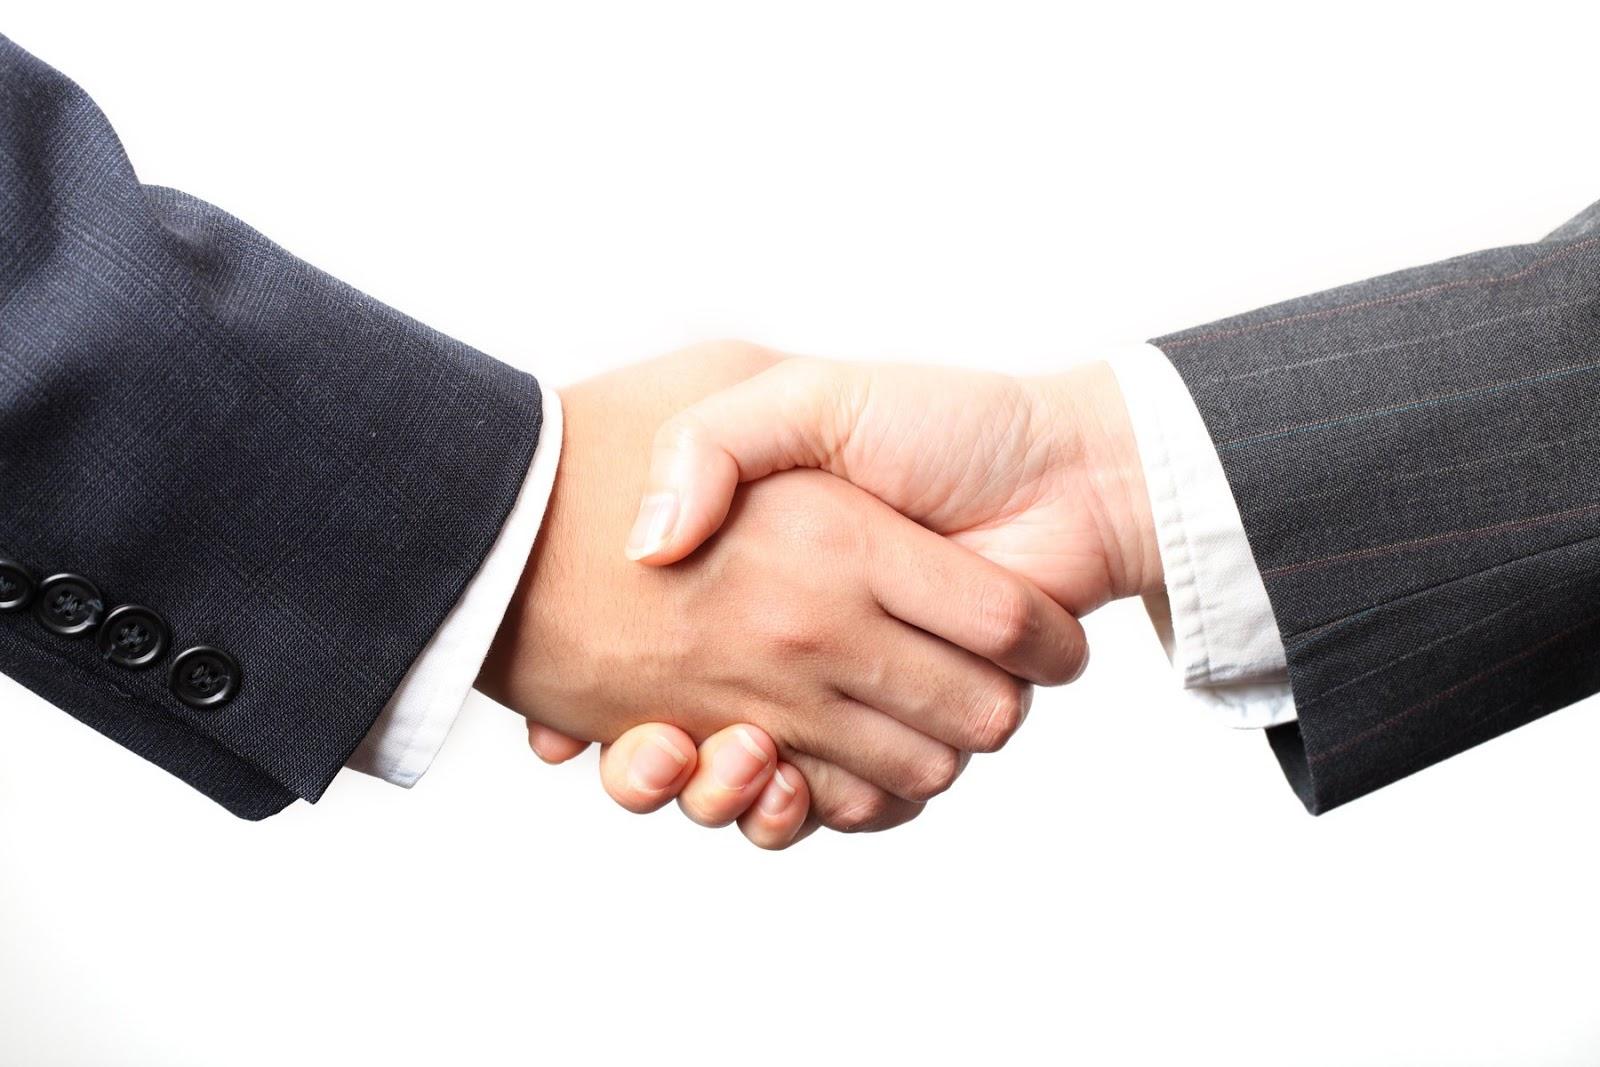 Imagens De Cumprimento: Relações Ganha-ganha São As Melhores Para Os Negócios